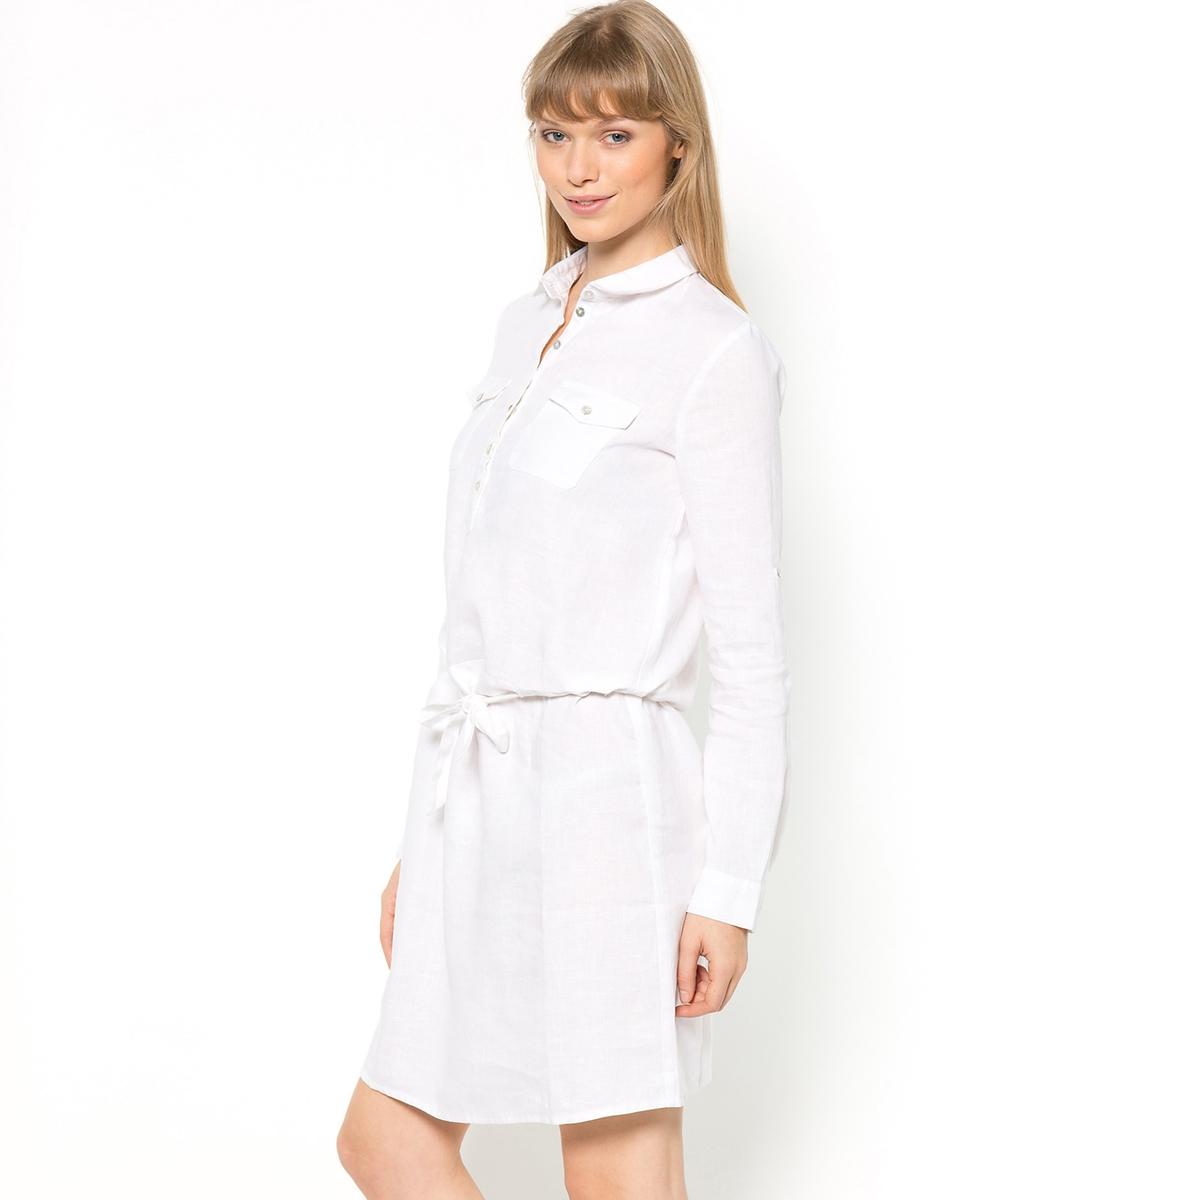 Платье R ESSENTIEL, 100% льнаИдеальный материал для лета! 100% льна. Прямой покрой, пояс на кулиске с завязками. Длинные рукава можно отворачивать. Манжеты с пуговицами. Нагрудные карманы. Слегка закругленный низ. Длина ок.95 см.<br><br>Цвет: белый